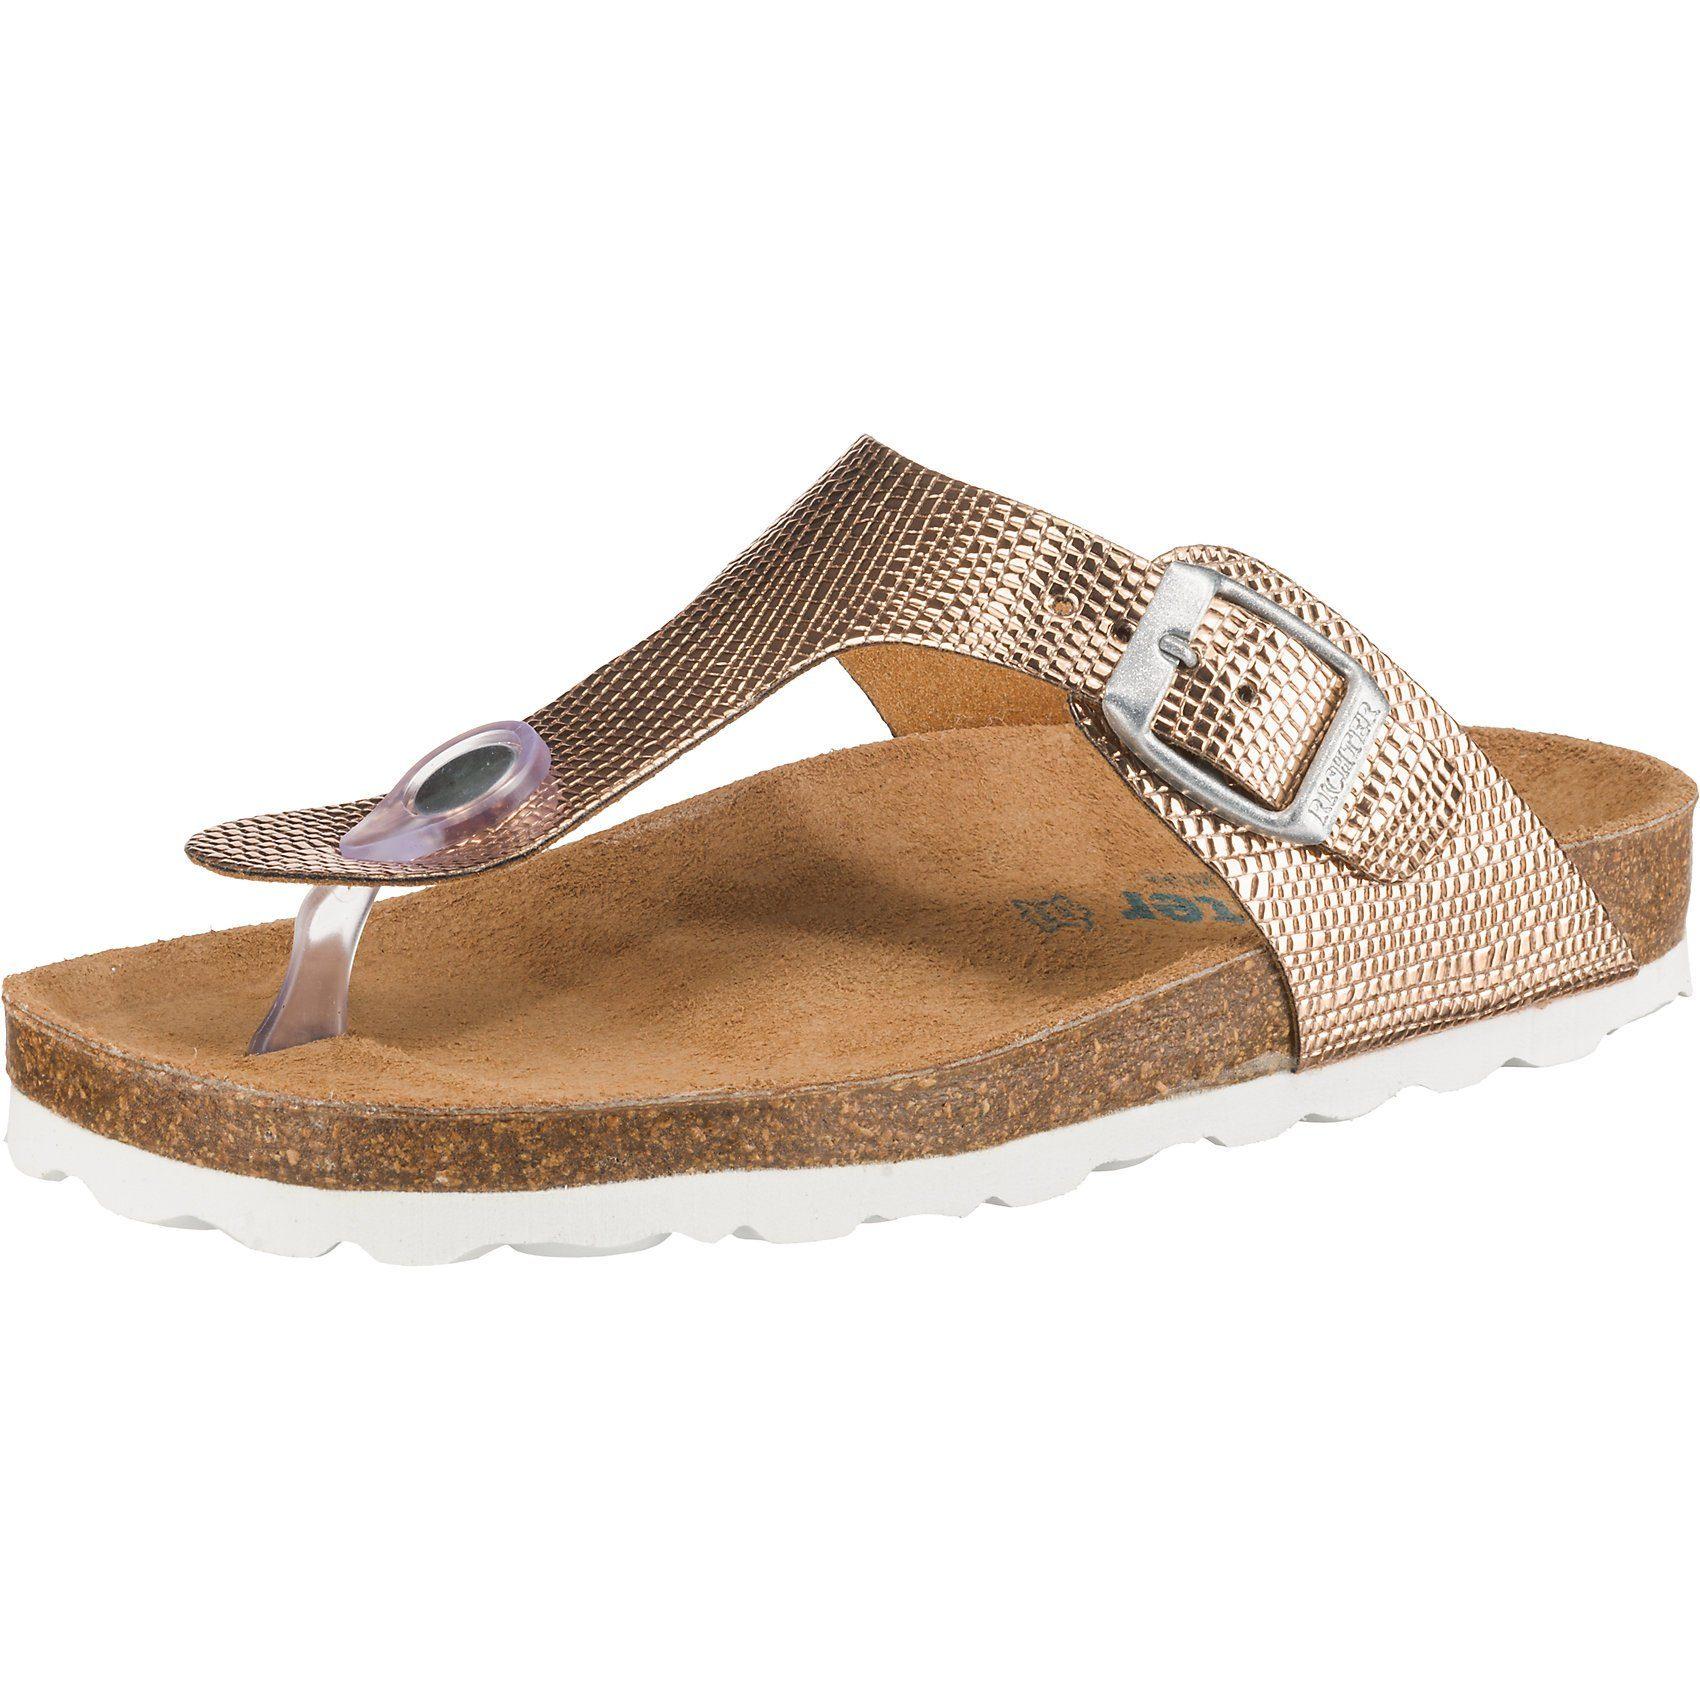 Richter Zehentrenner BIOS für Mädchen, Obermaterial (Schuhe): Textil online kaufen | OTTO